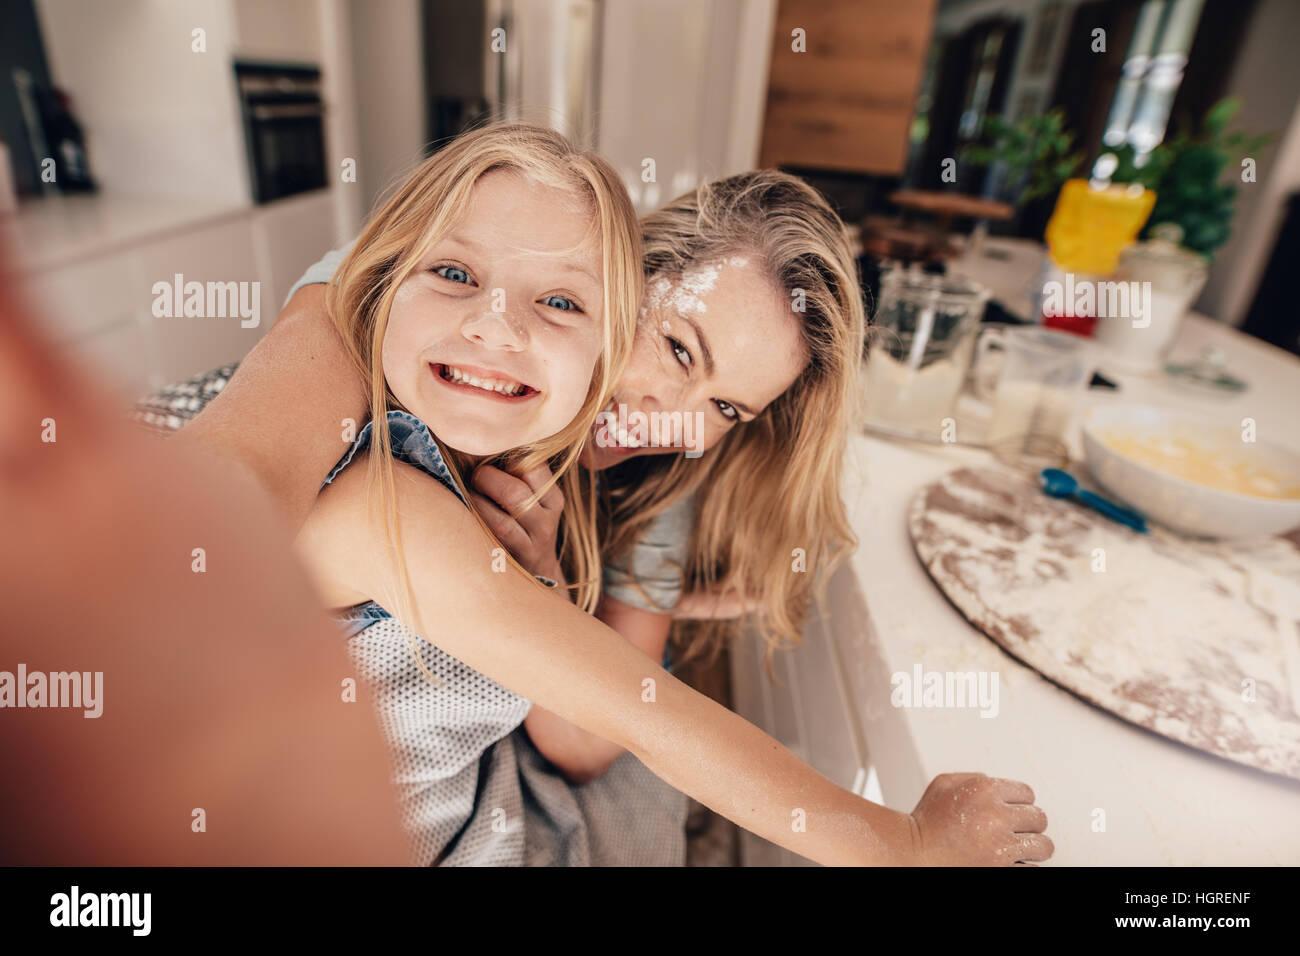 La famiglia felice di prendere una selfie in cucina durante la cottura dei cibi. Madre e figlia tenendo self portrait. Immagini Stock